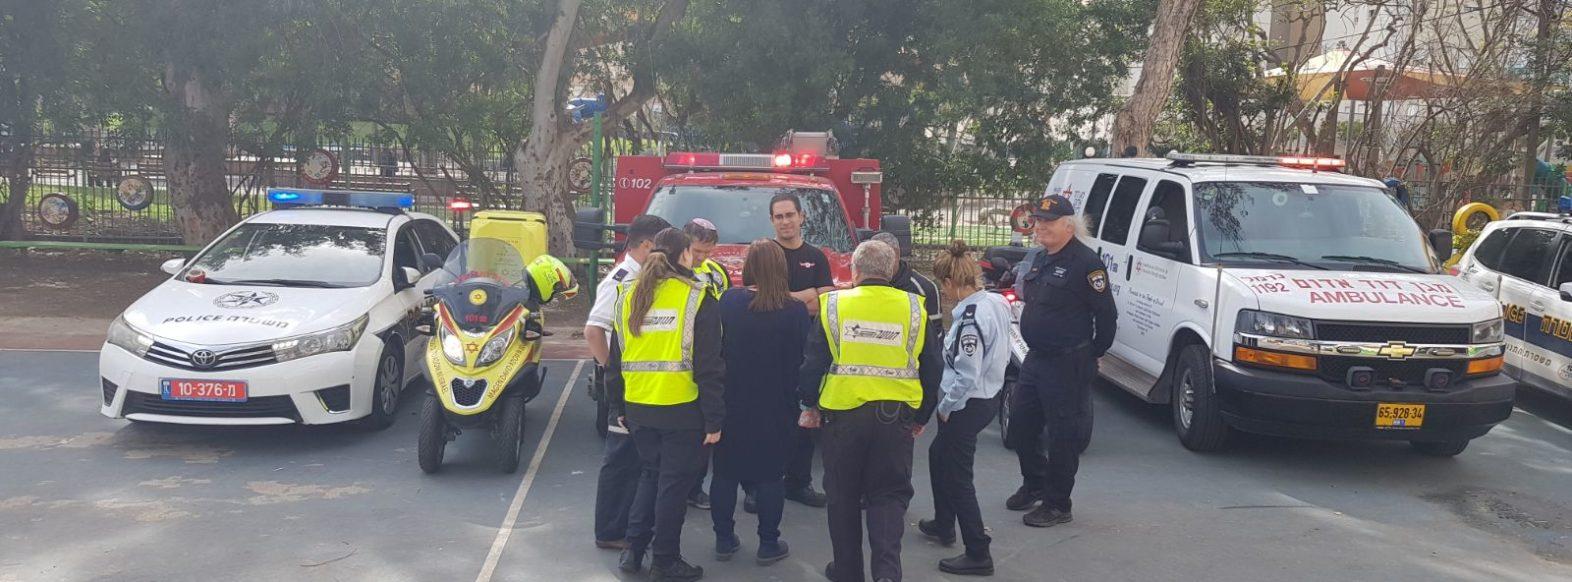 """יום קהילה ומשטרה בבית הספר """"הבונים"""" וגן ארזים בקריית ביאליק"""